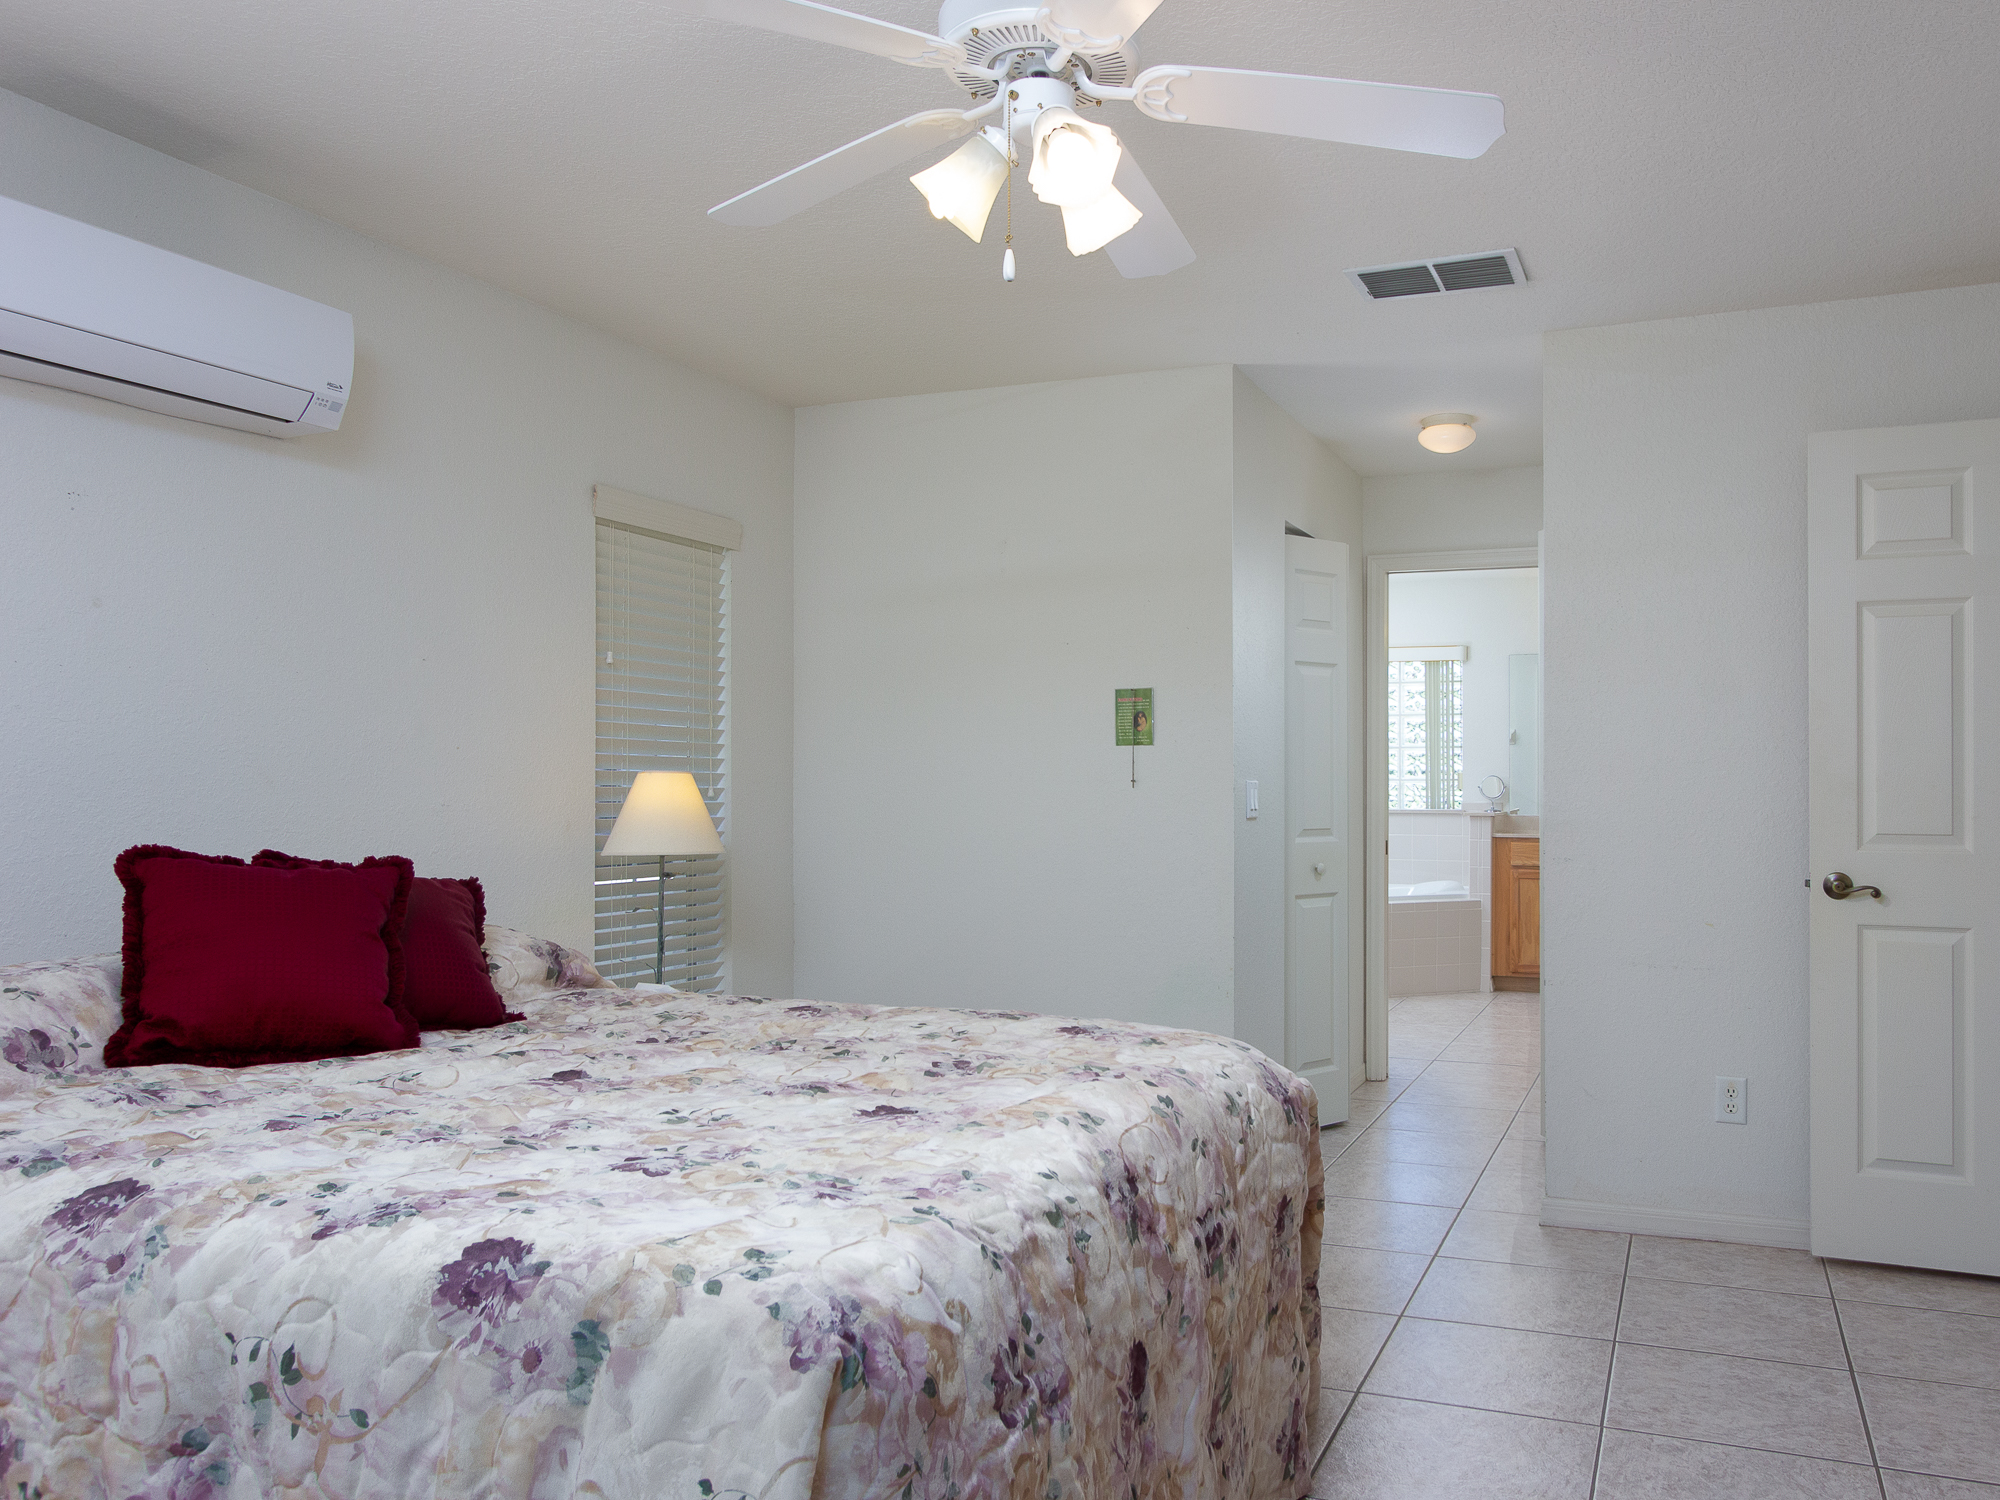 17431-SE-110th-Terrace-Summerfield-FL-34491-117-of-39